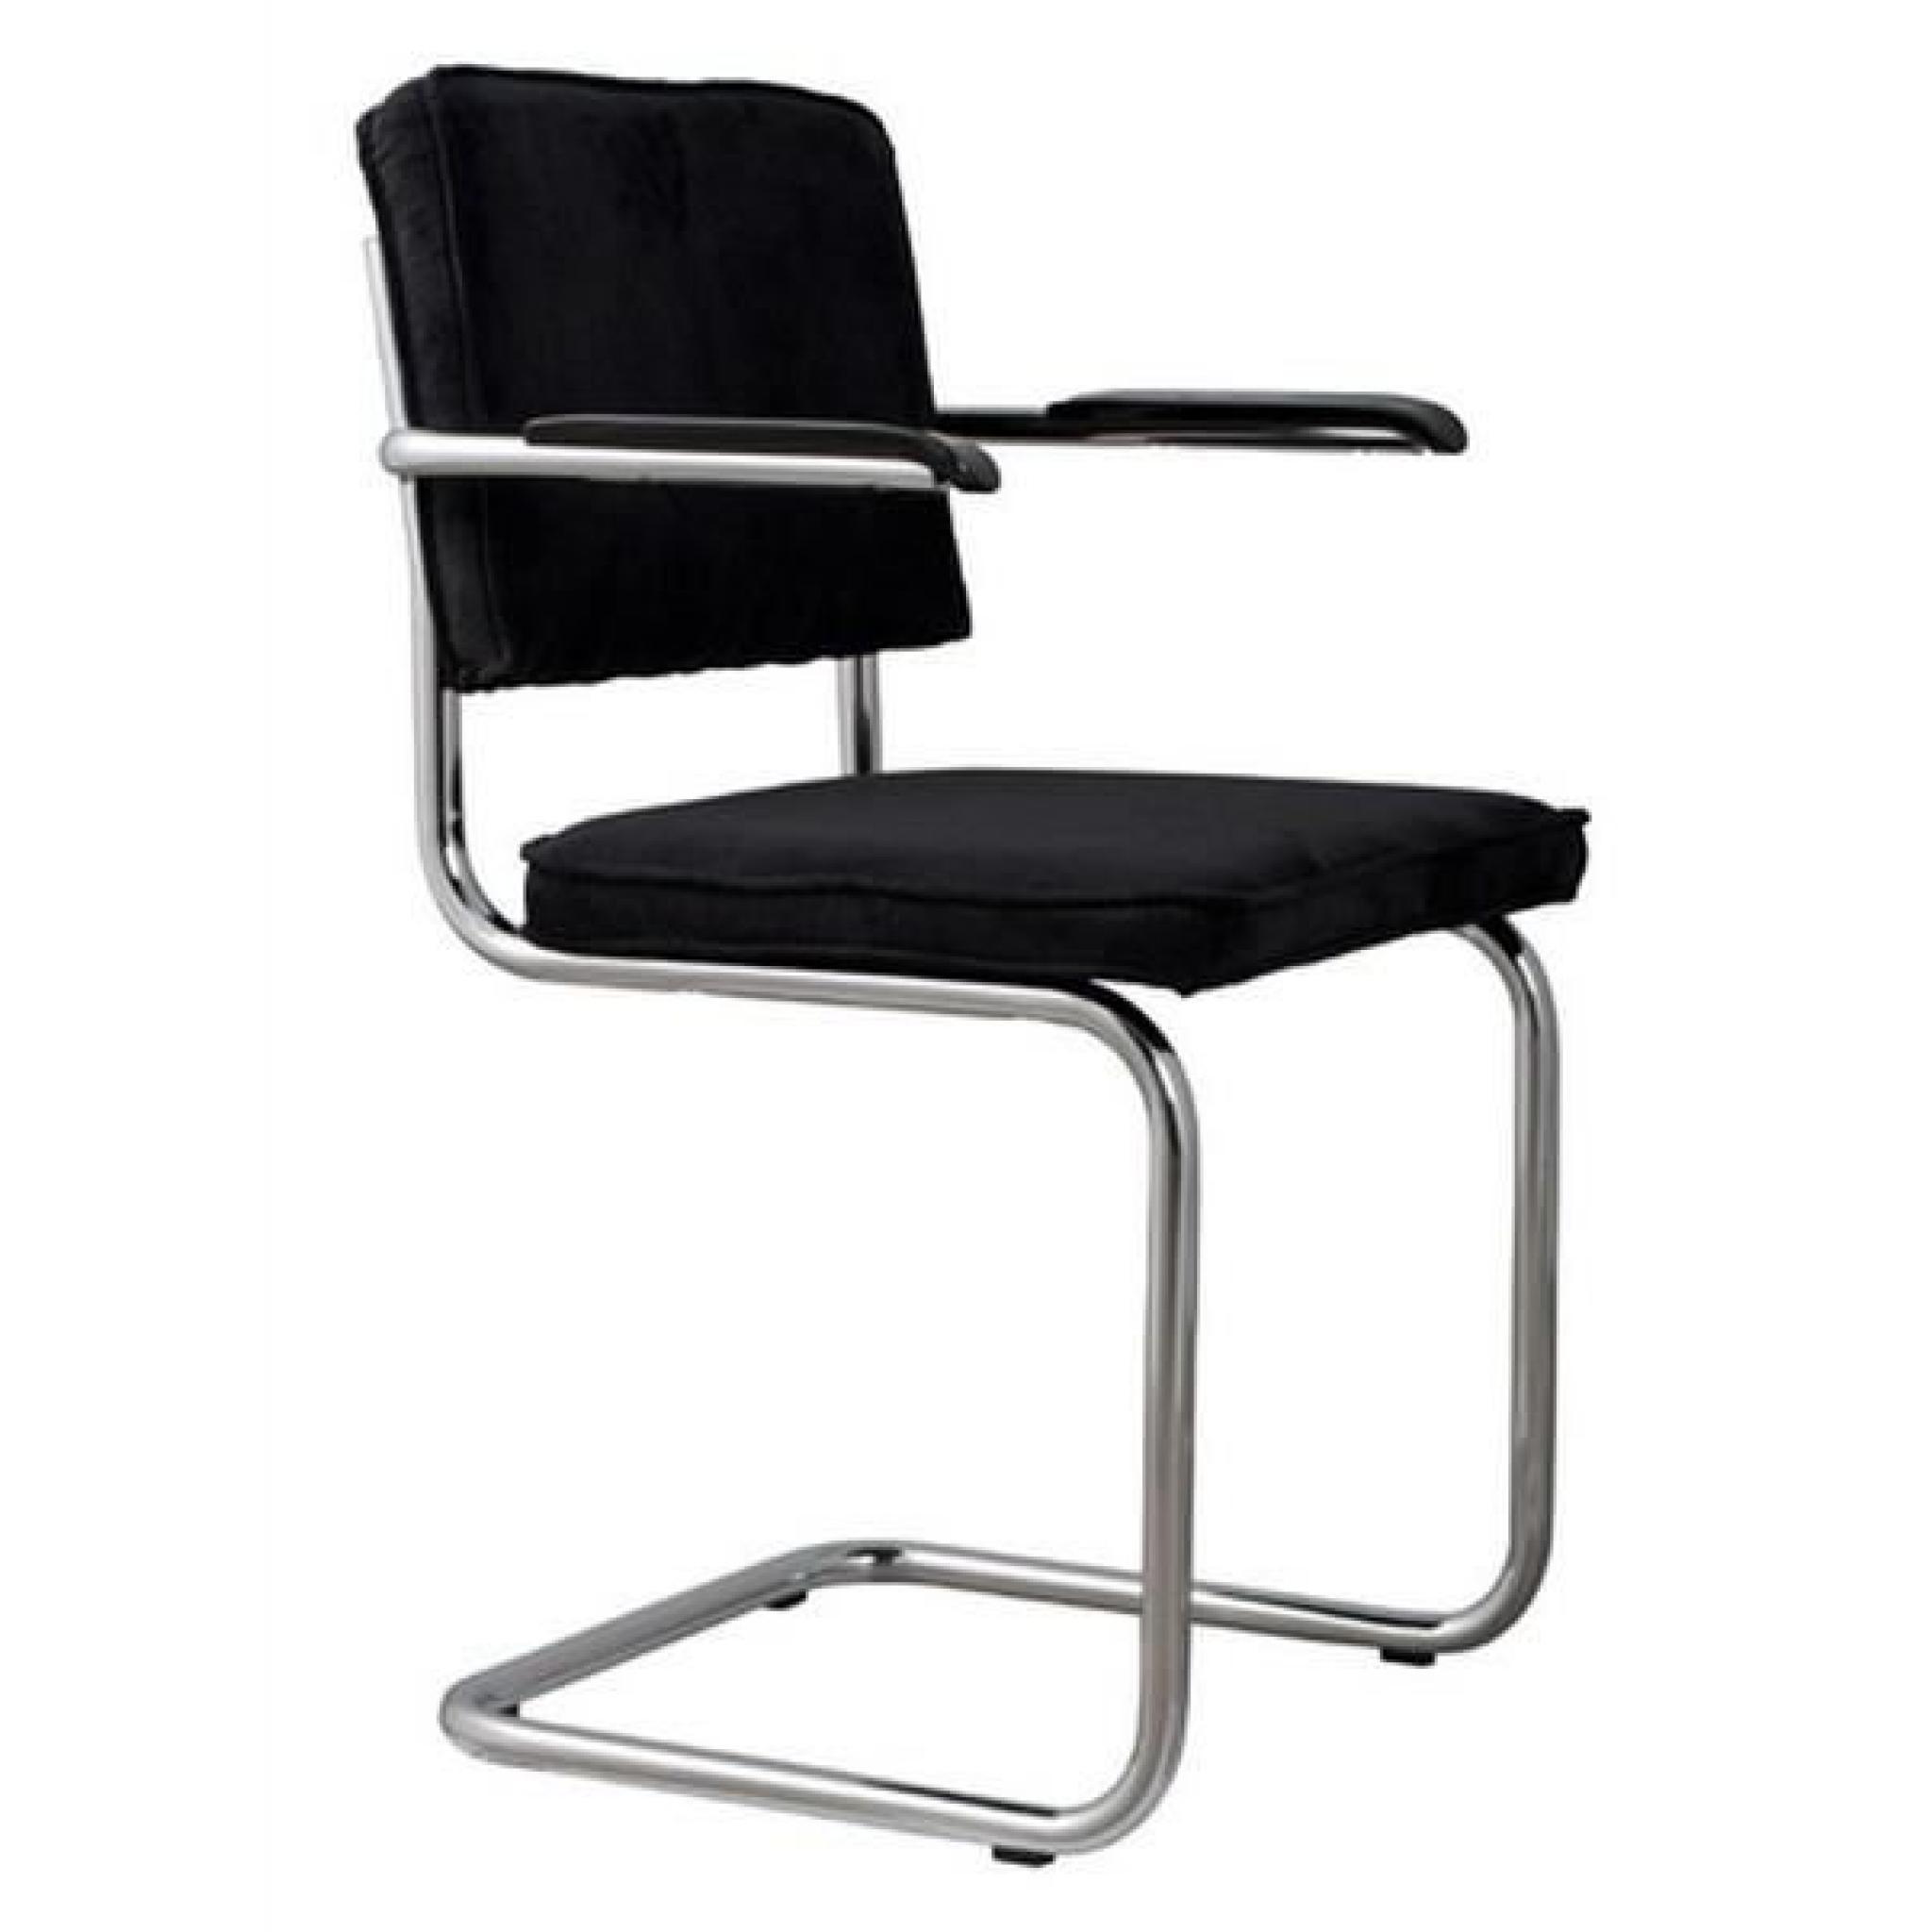 chaise zuiver ridge rib velours noir avec cadre achat vente chaise salle a manger pas cher. Black Bedroom Furniture Sets. Home Design Ideas